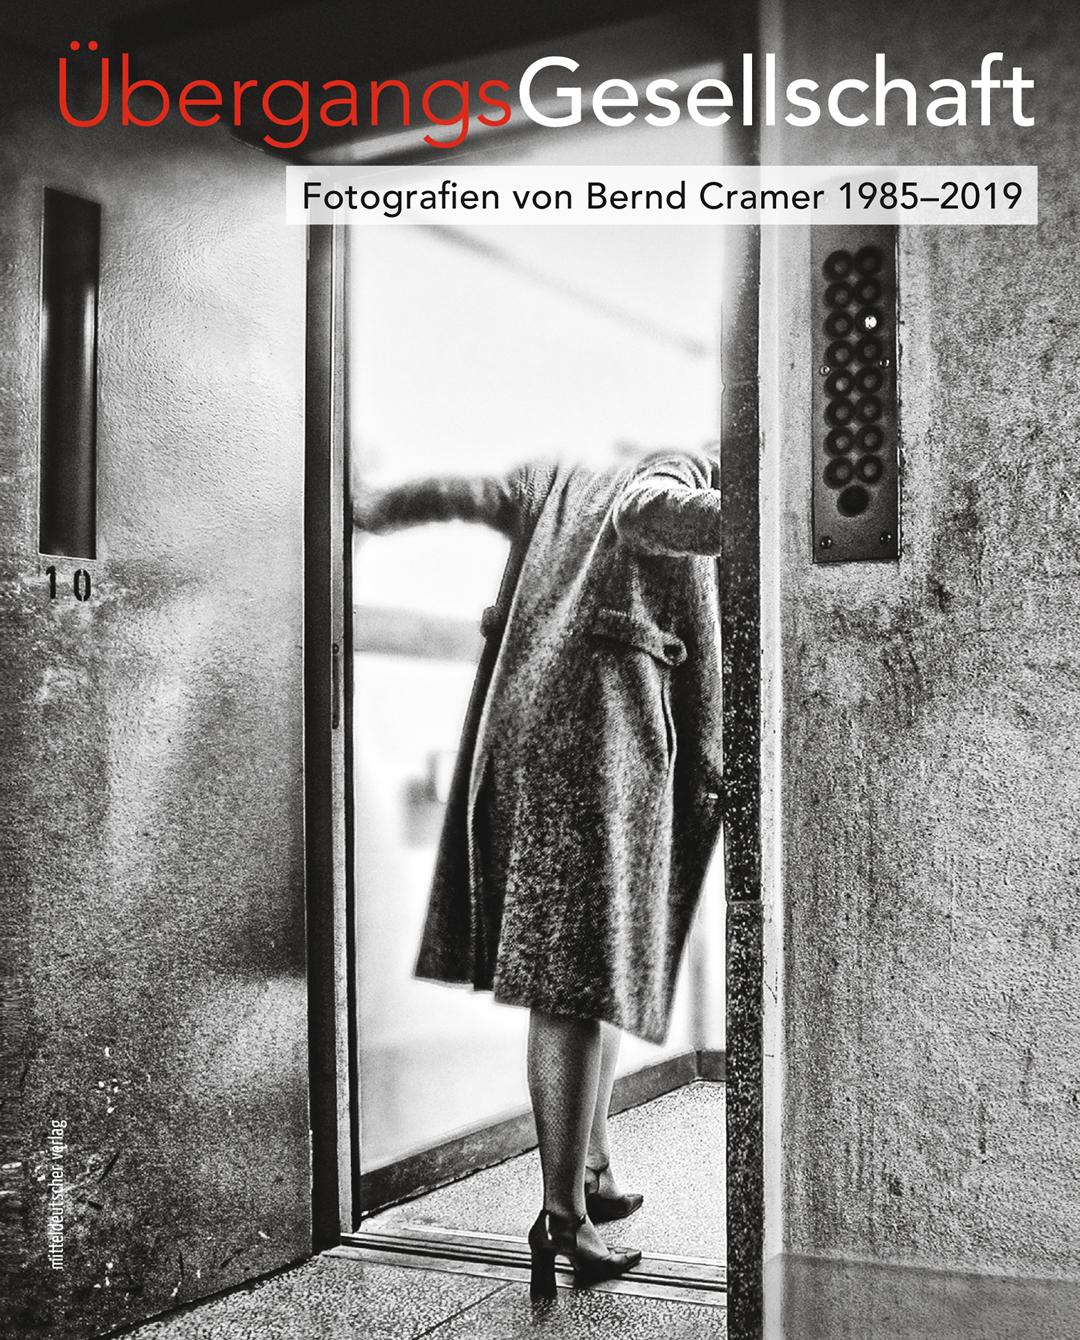 Titelseite des Bildbandes, eine ältere Dame betritt unsicher einen Fahrstuhl